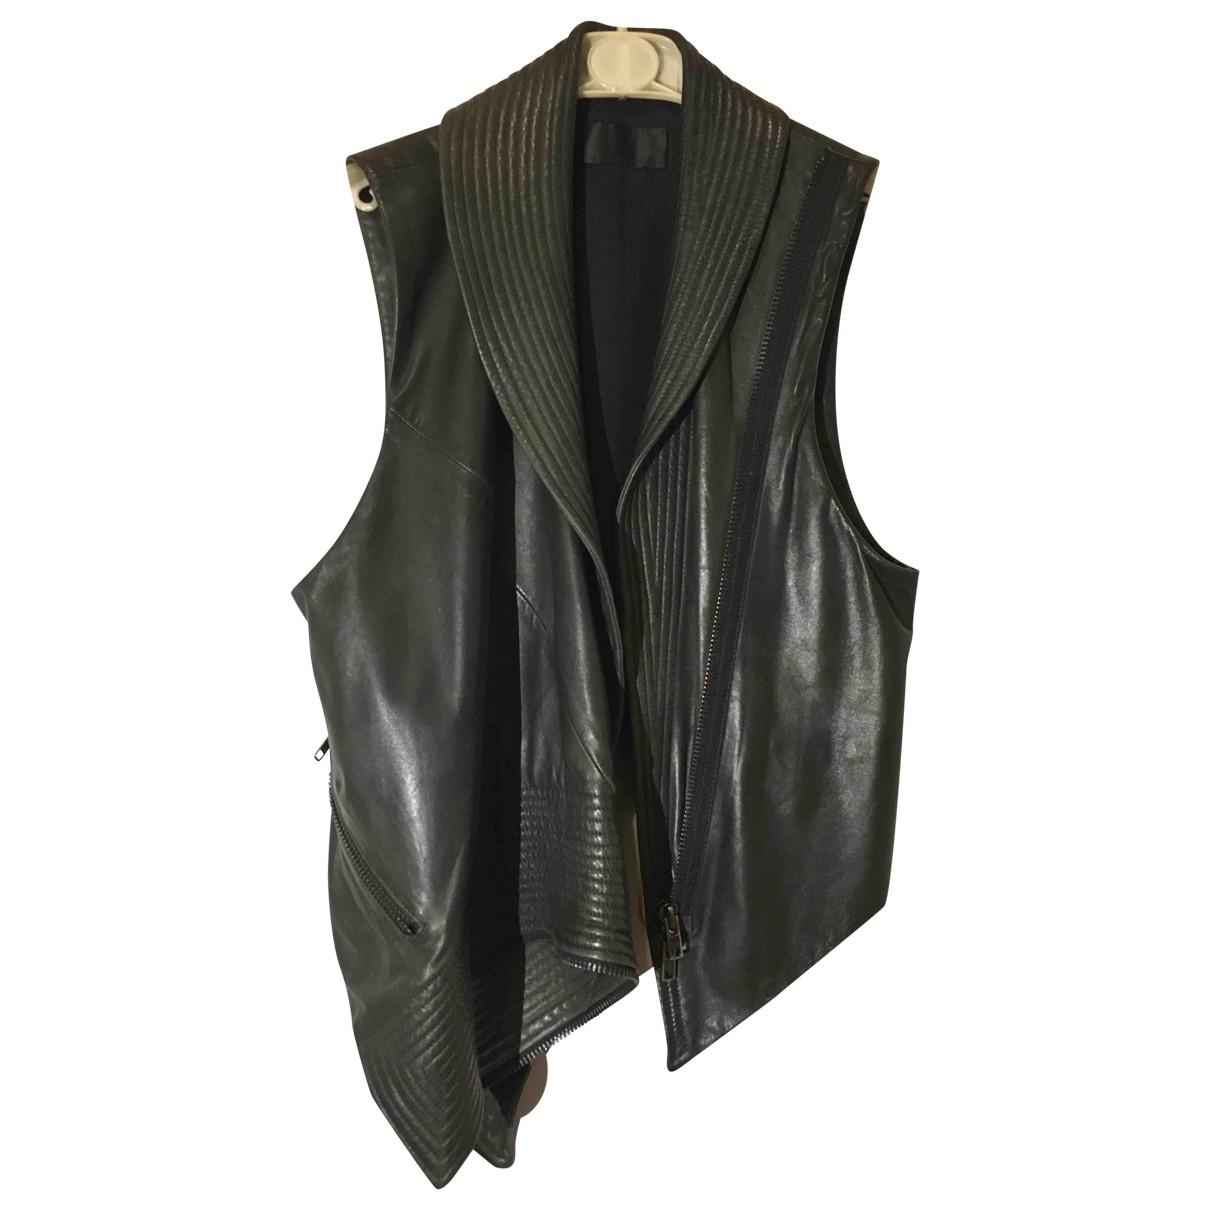 Haider Ackermann \N Black Leather jacket for Women 38 FR